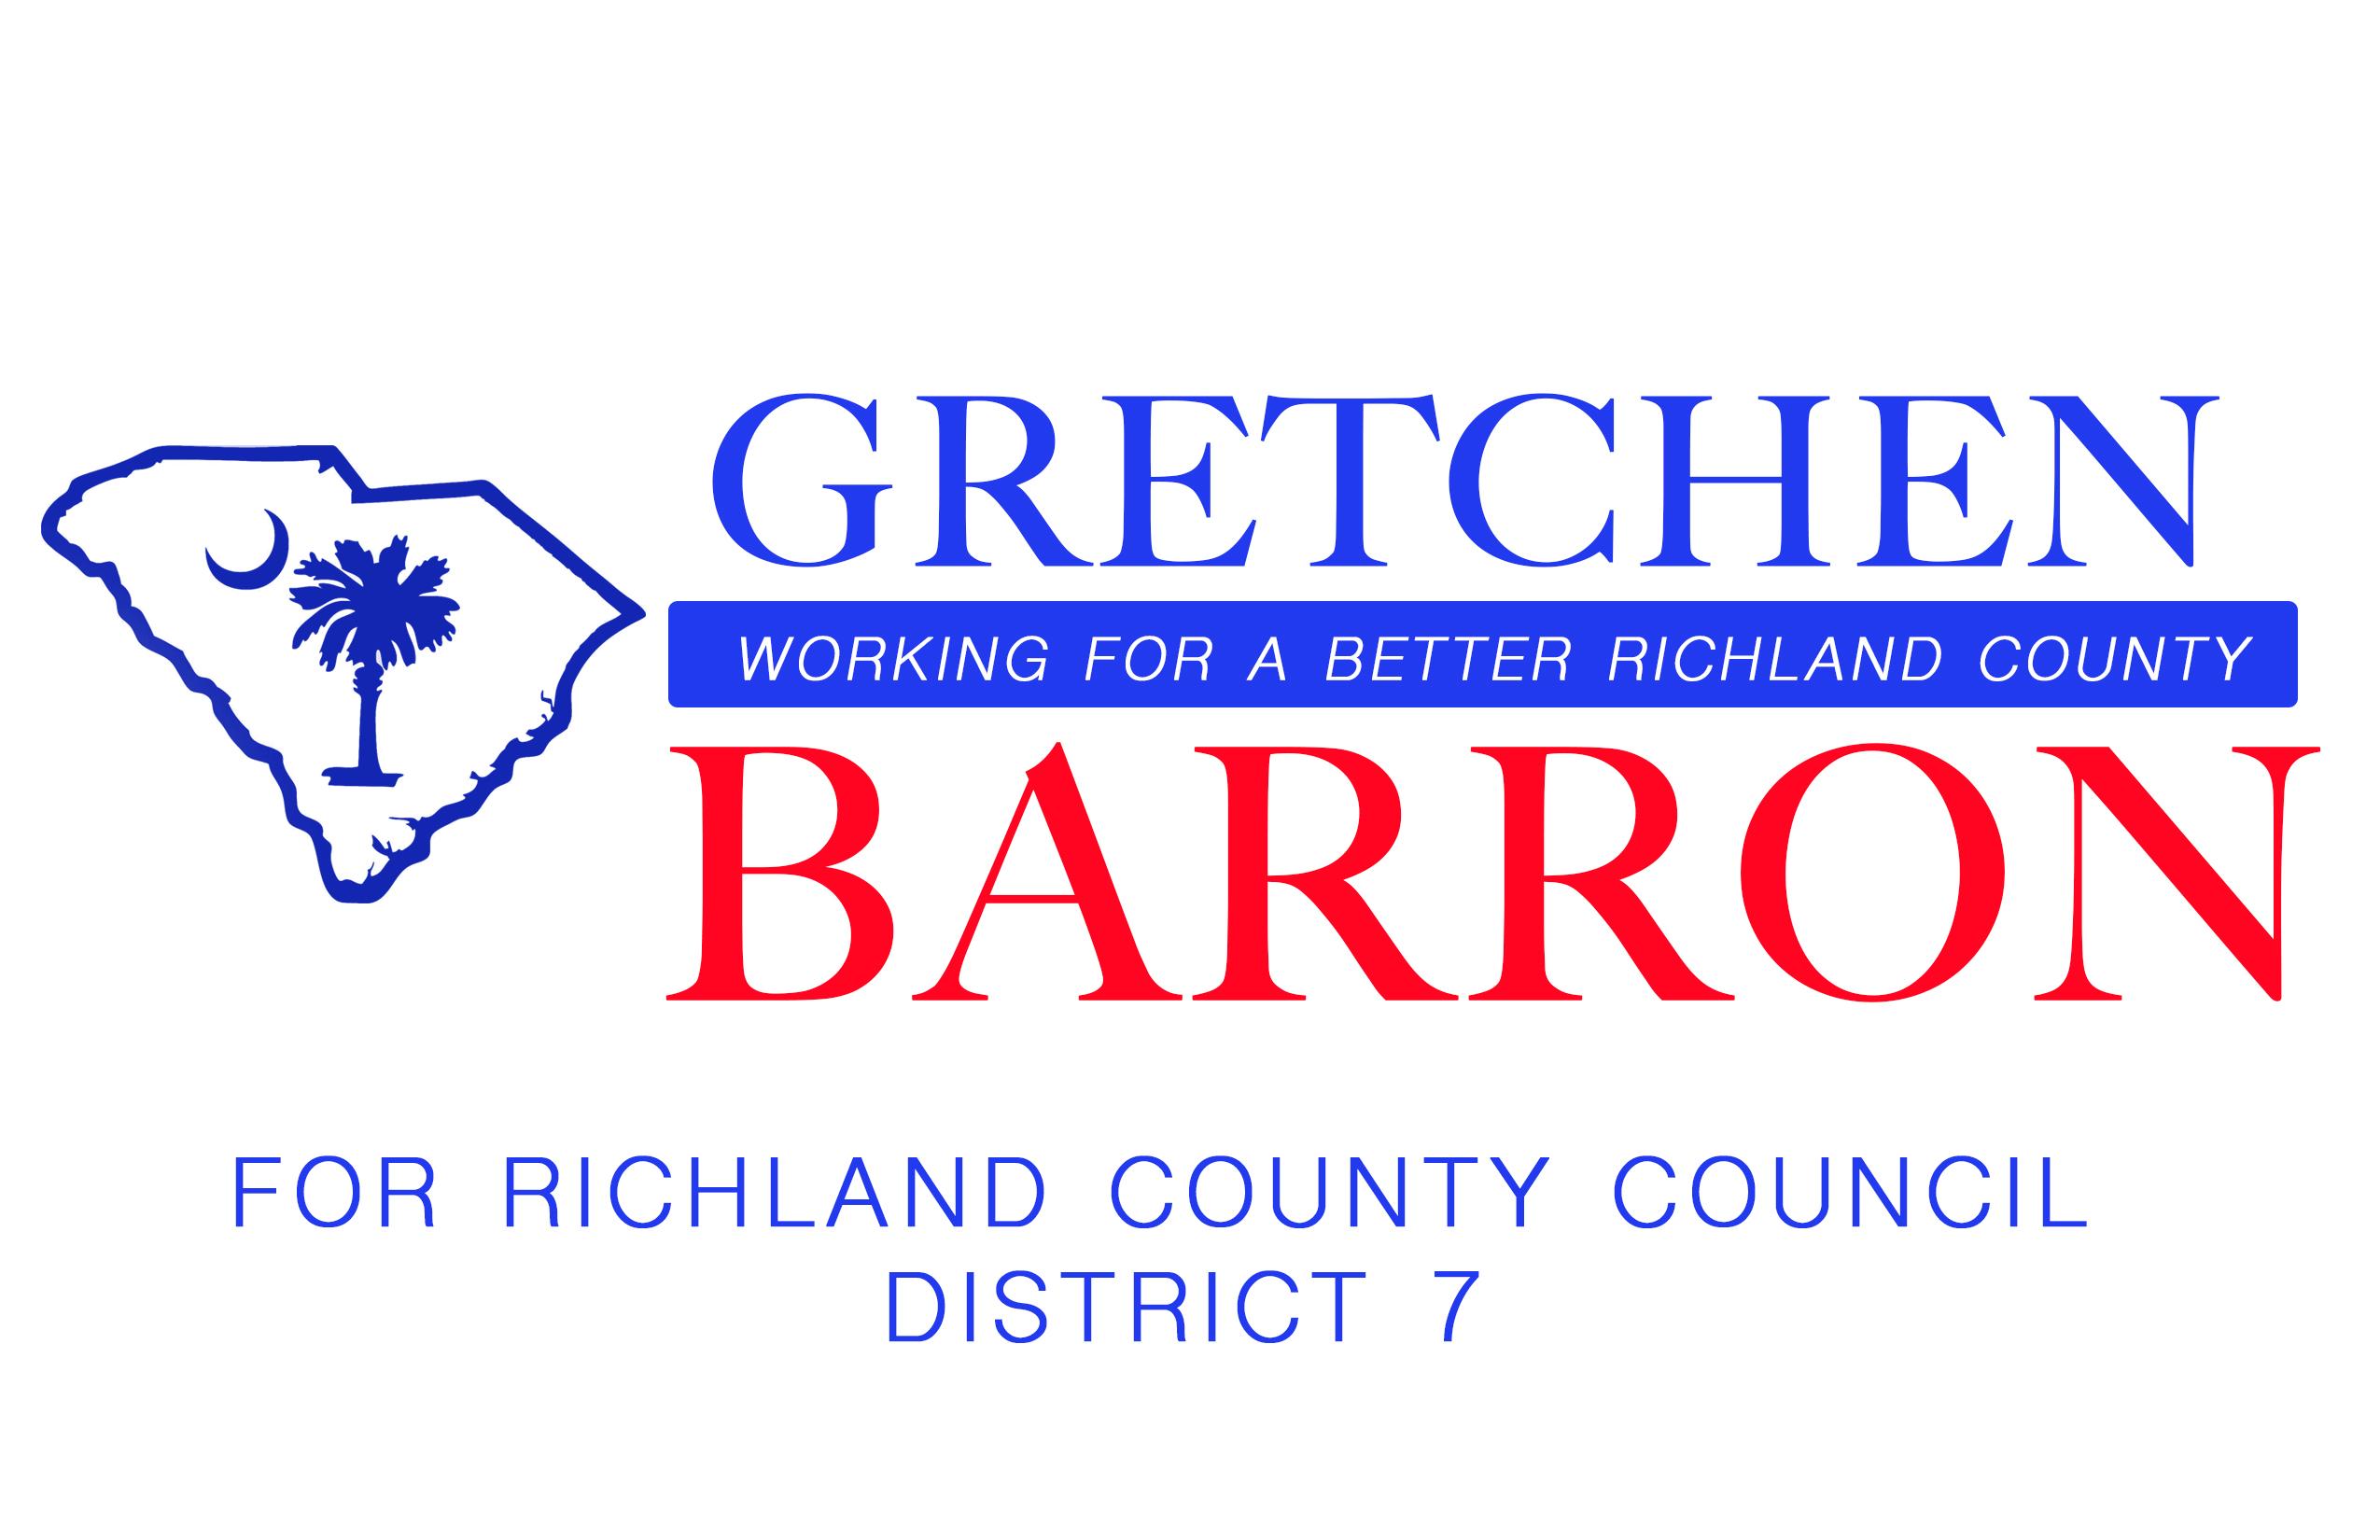 Gretchen Barron